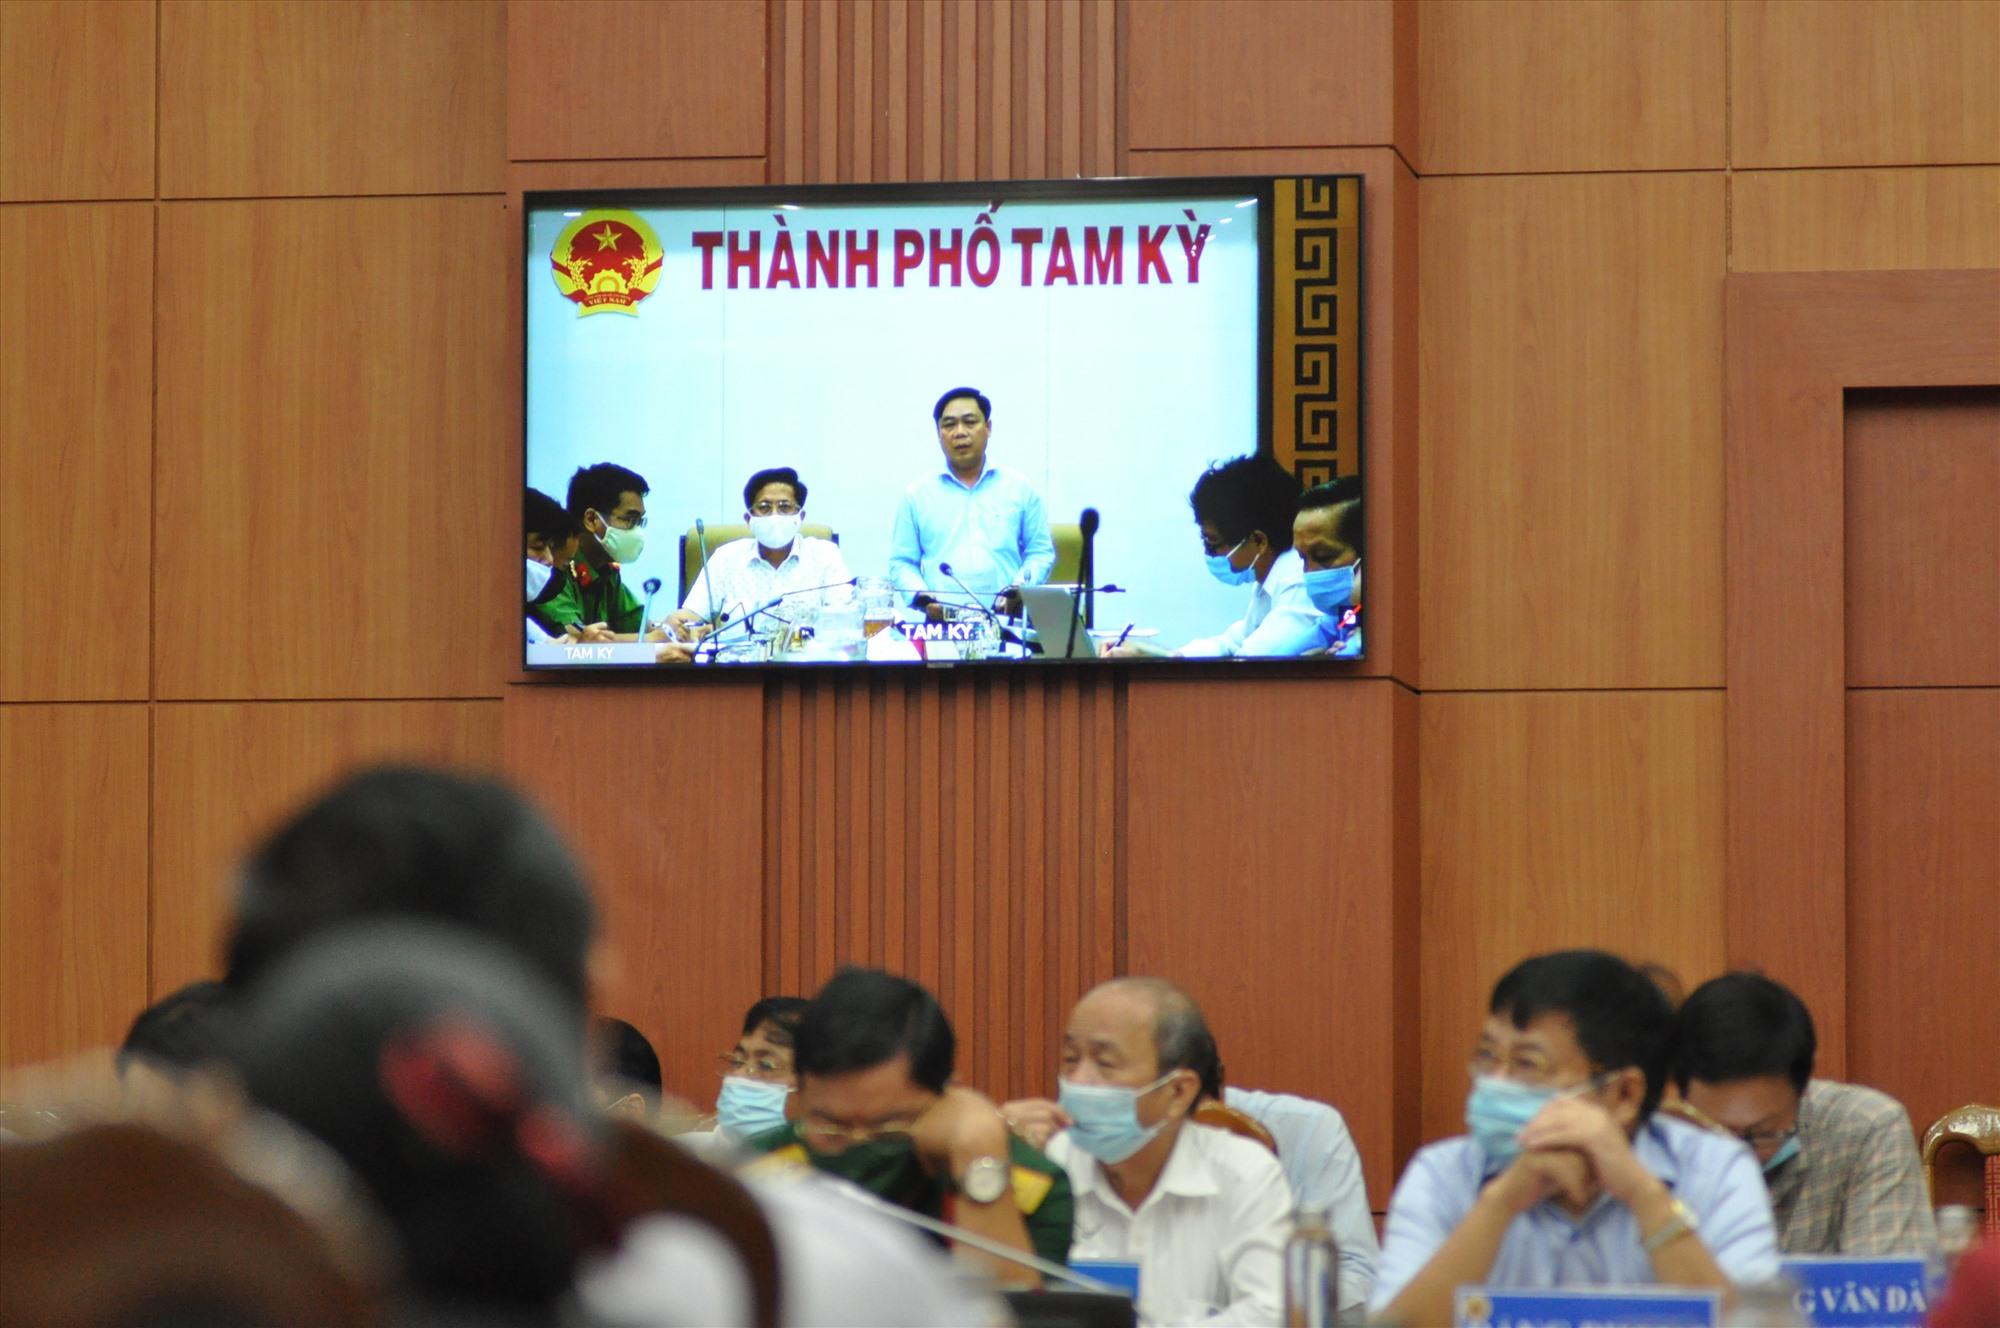 Lãnh đạo Tam Kỳ phát biểu tại hội nghị. Ảnh: X.P